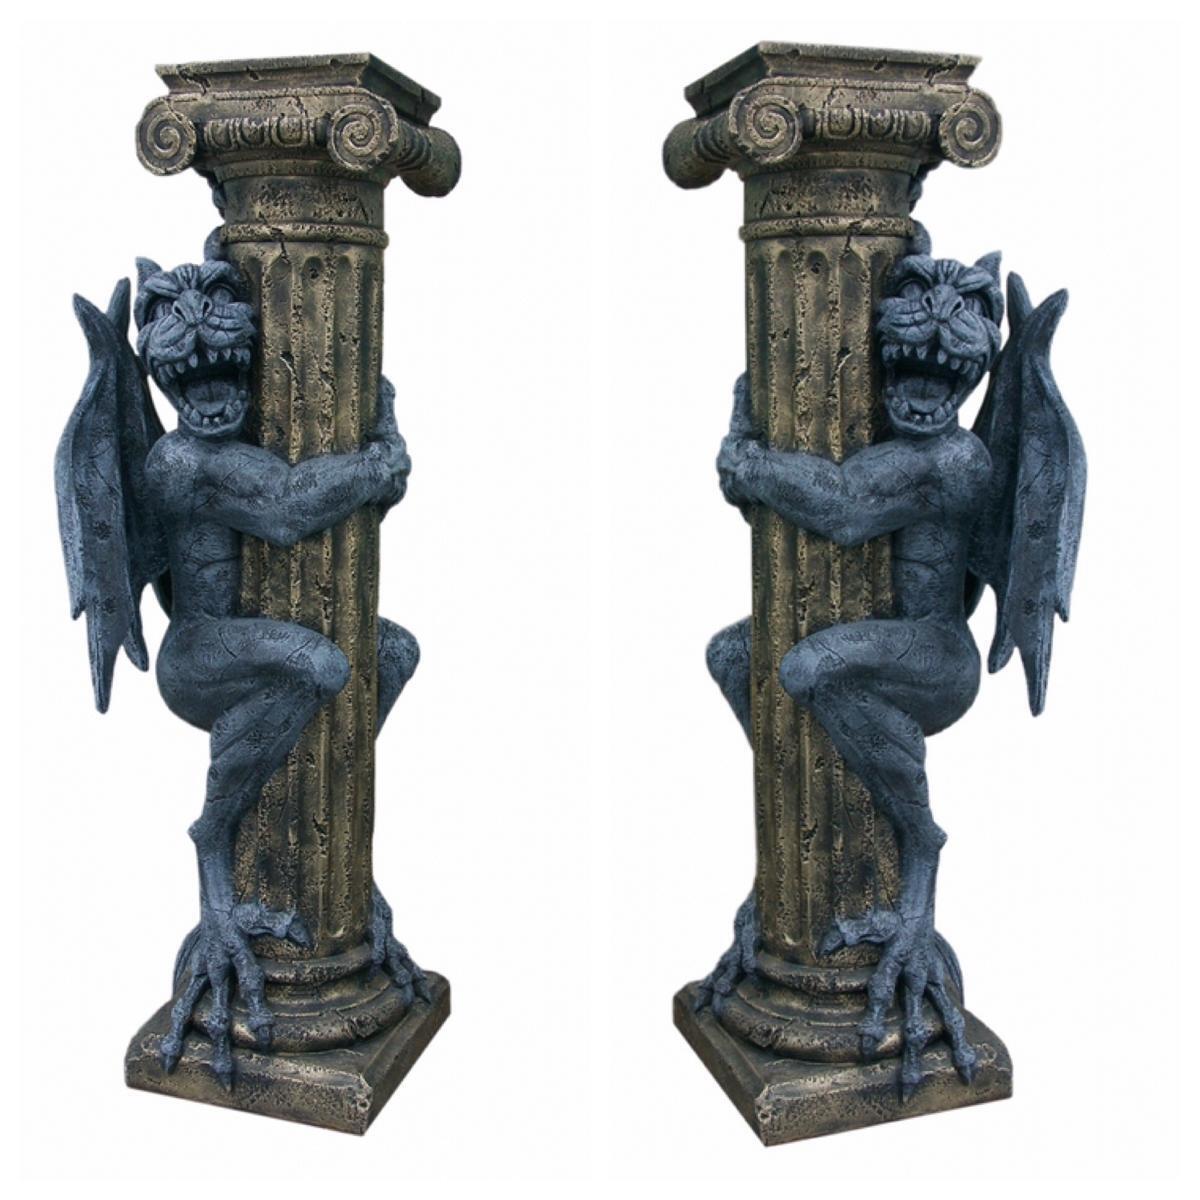 2 x Blaumensäule Dragon Drachenfigur Gothic Mystic Fantasy recht links schauend